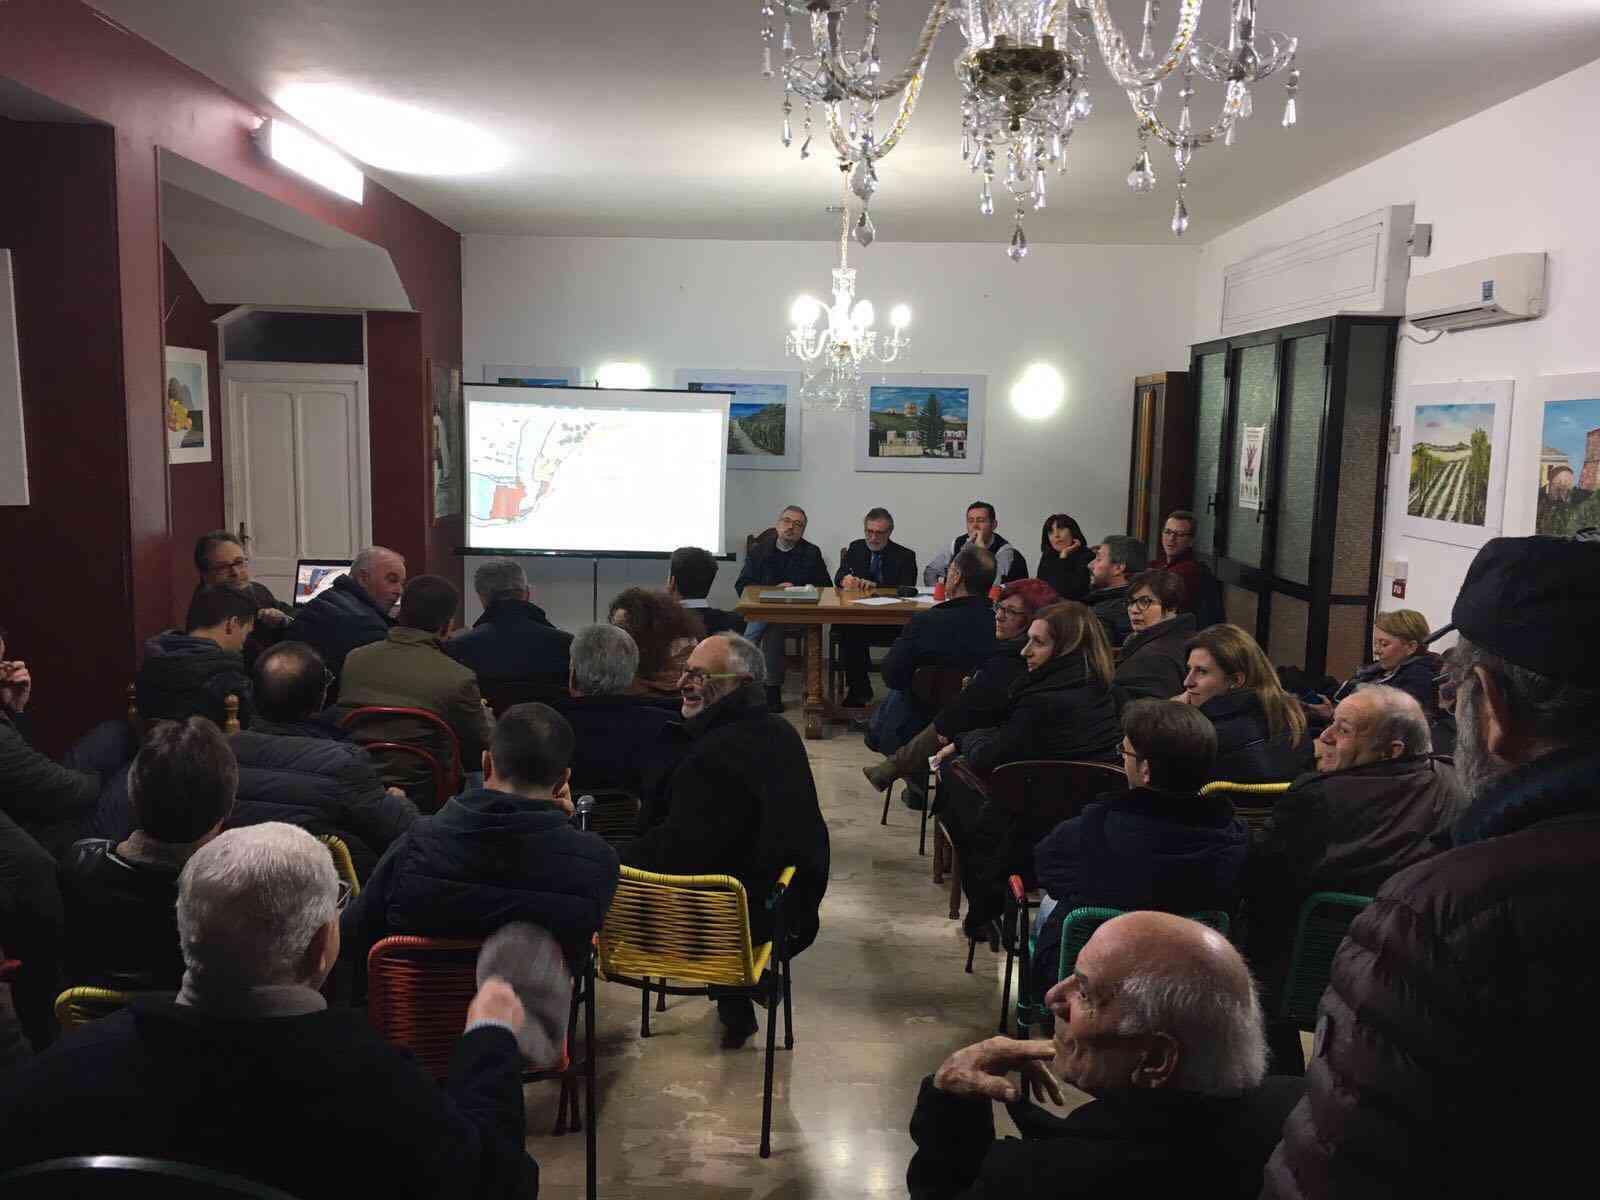 Menfi. Nuove prospettive per Porto Palo: successo per il dibattito tra cittadini e amministratori